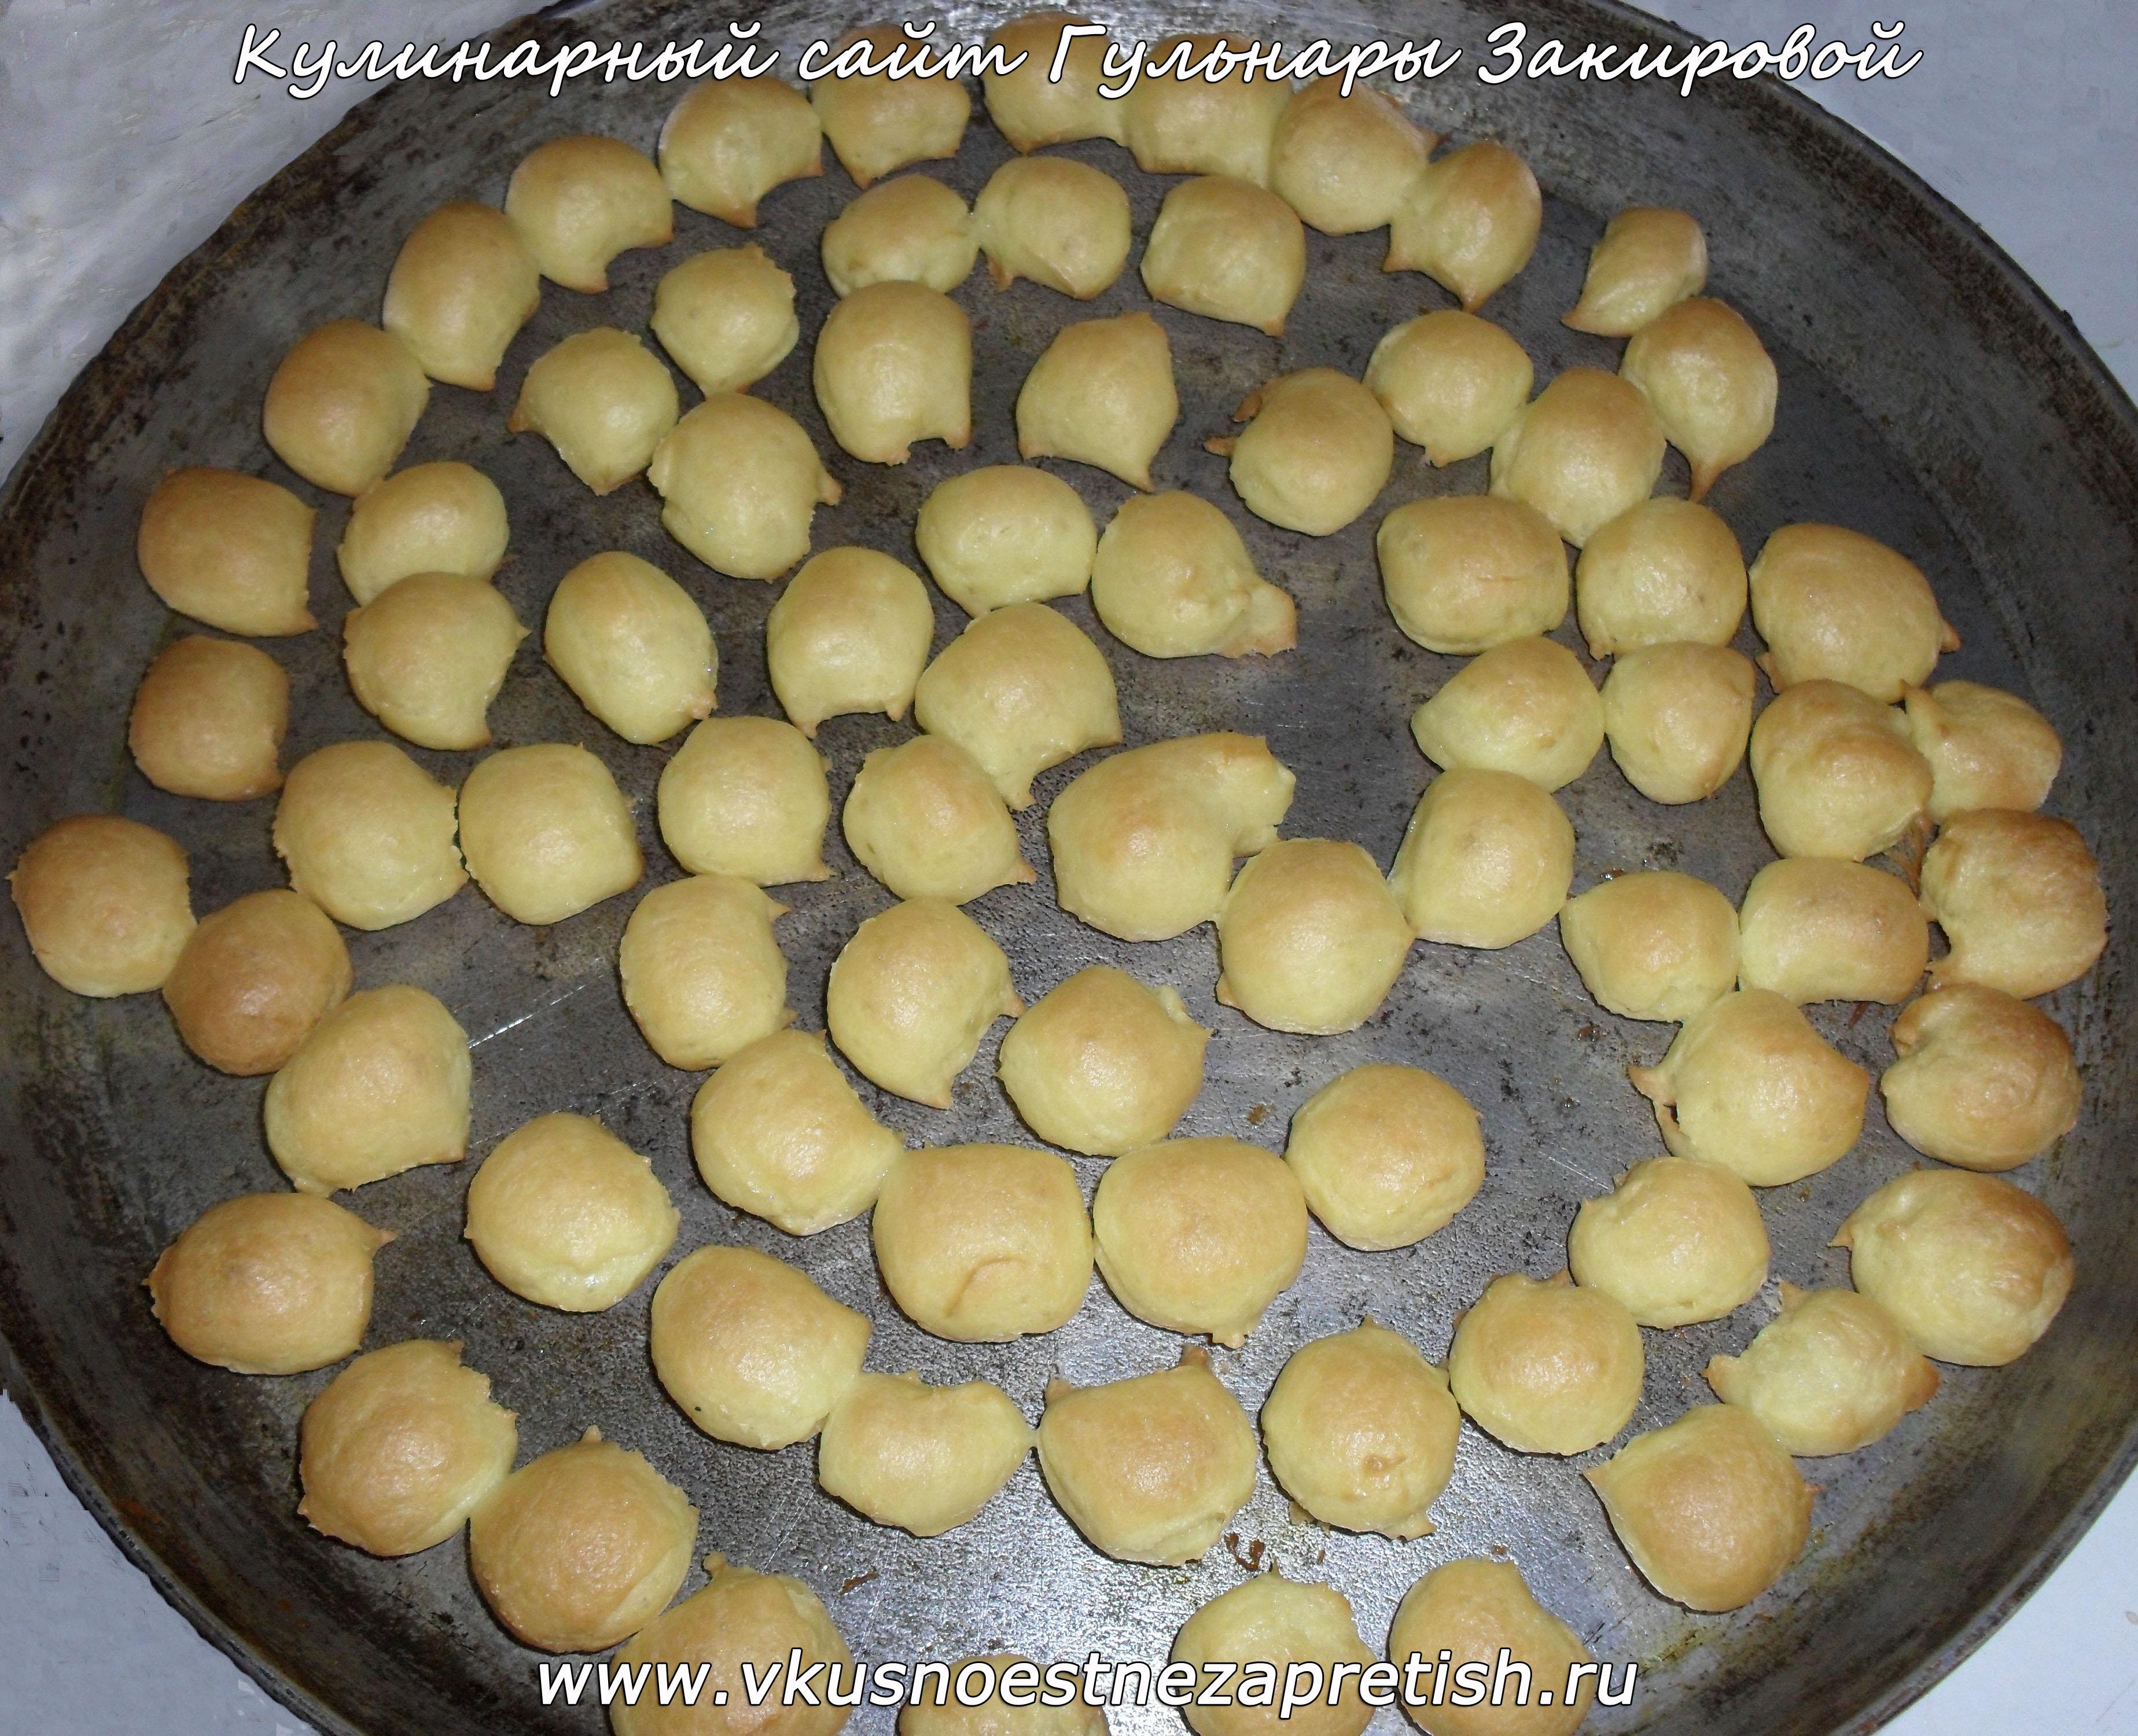 Торт из шариков рецепт пошагово